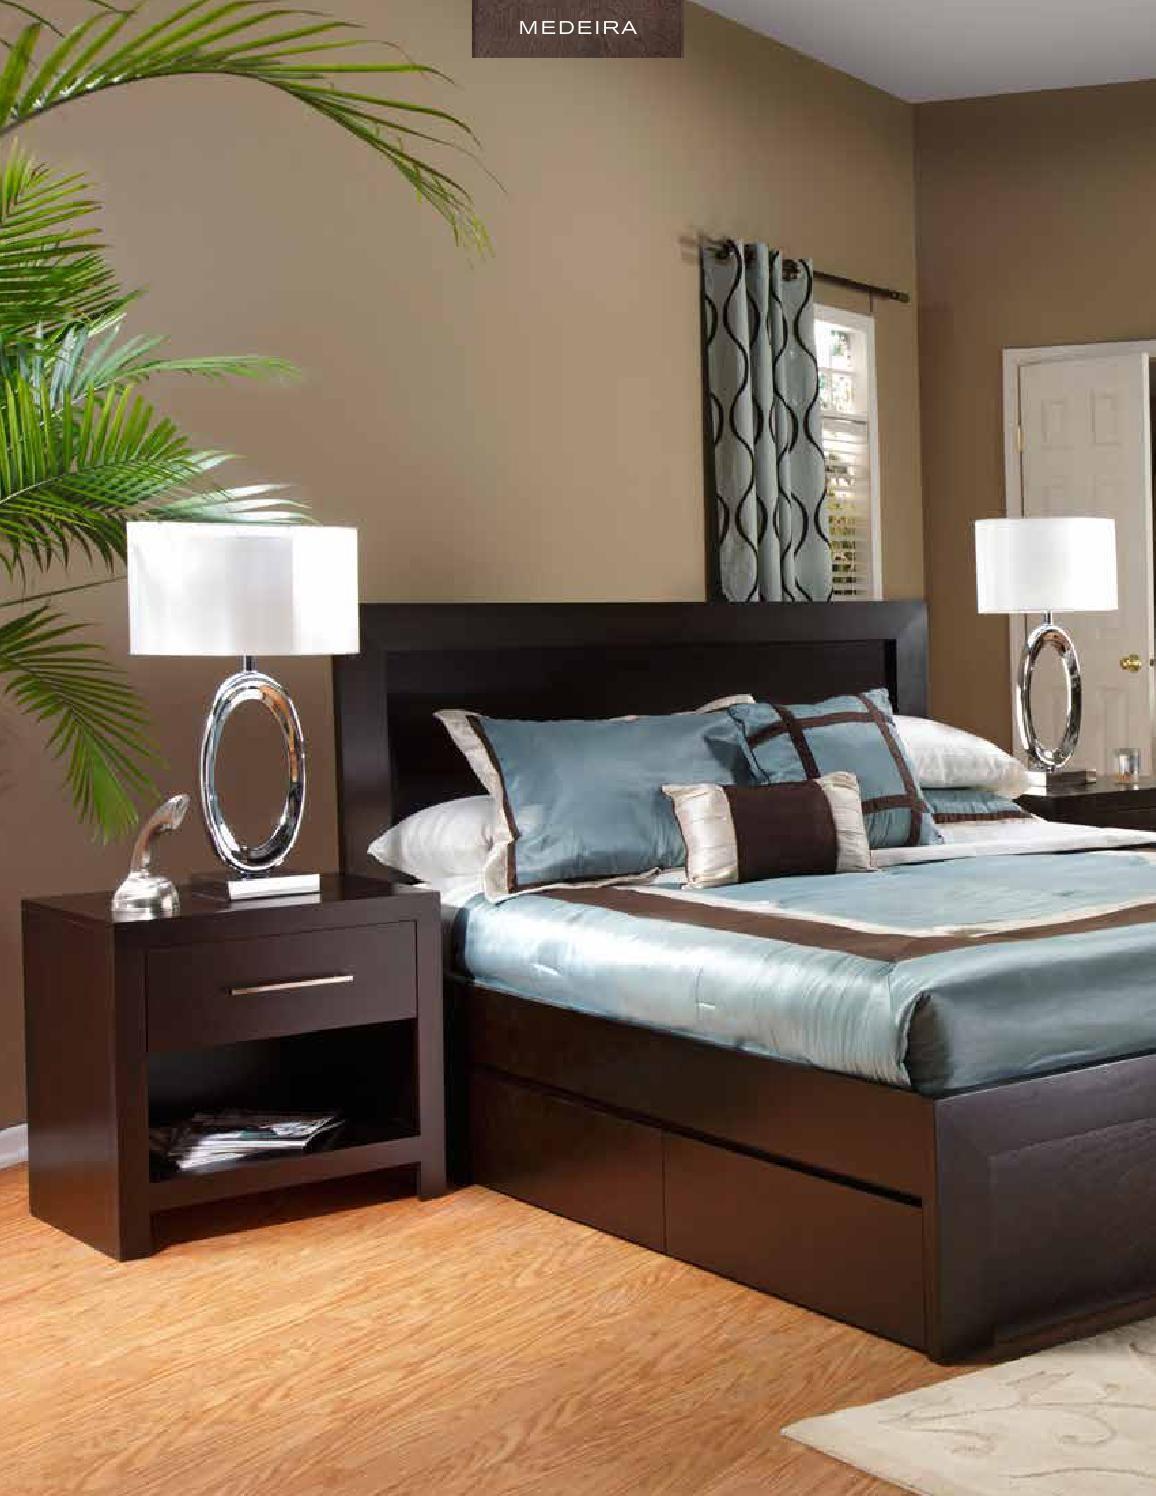 Buhler Furniture Catalog 2014 Bed Room in 2019 Bedroom